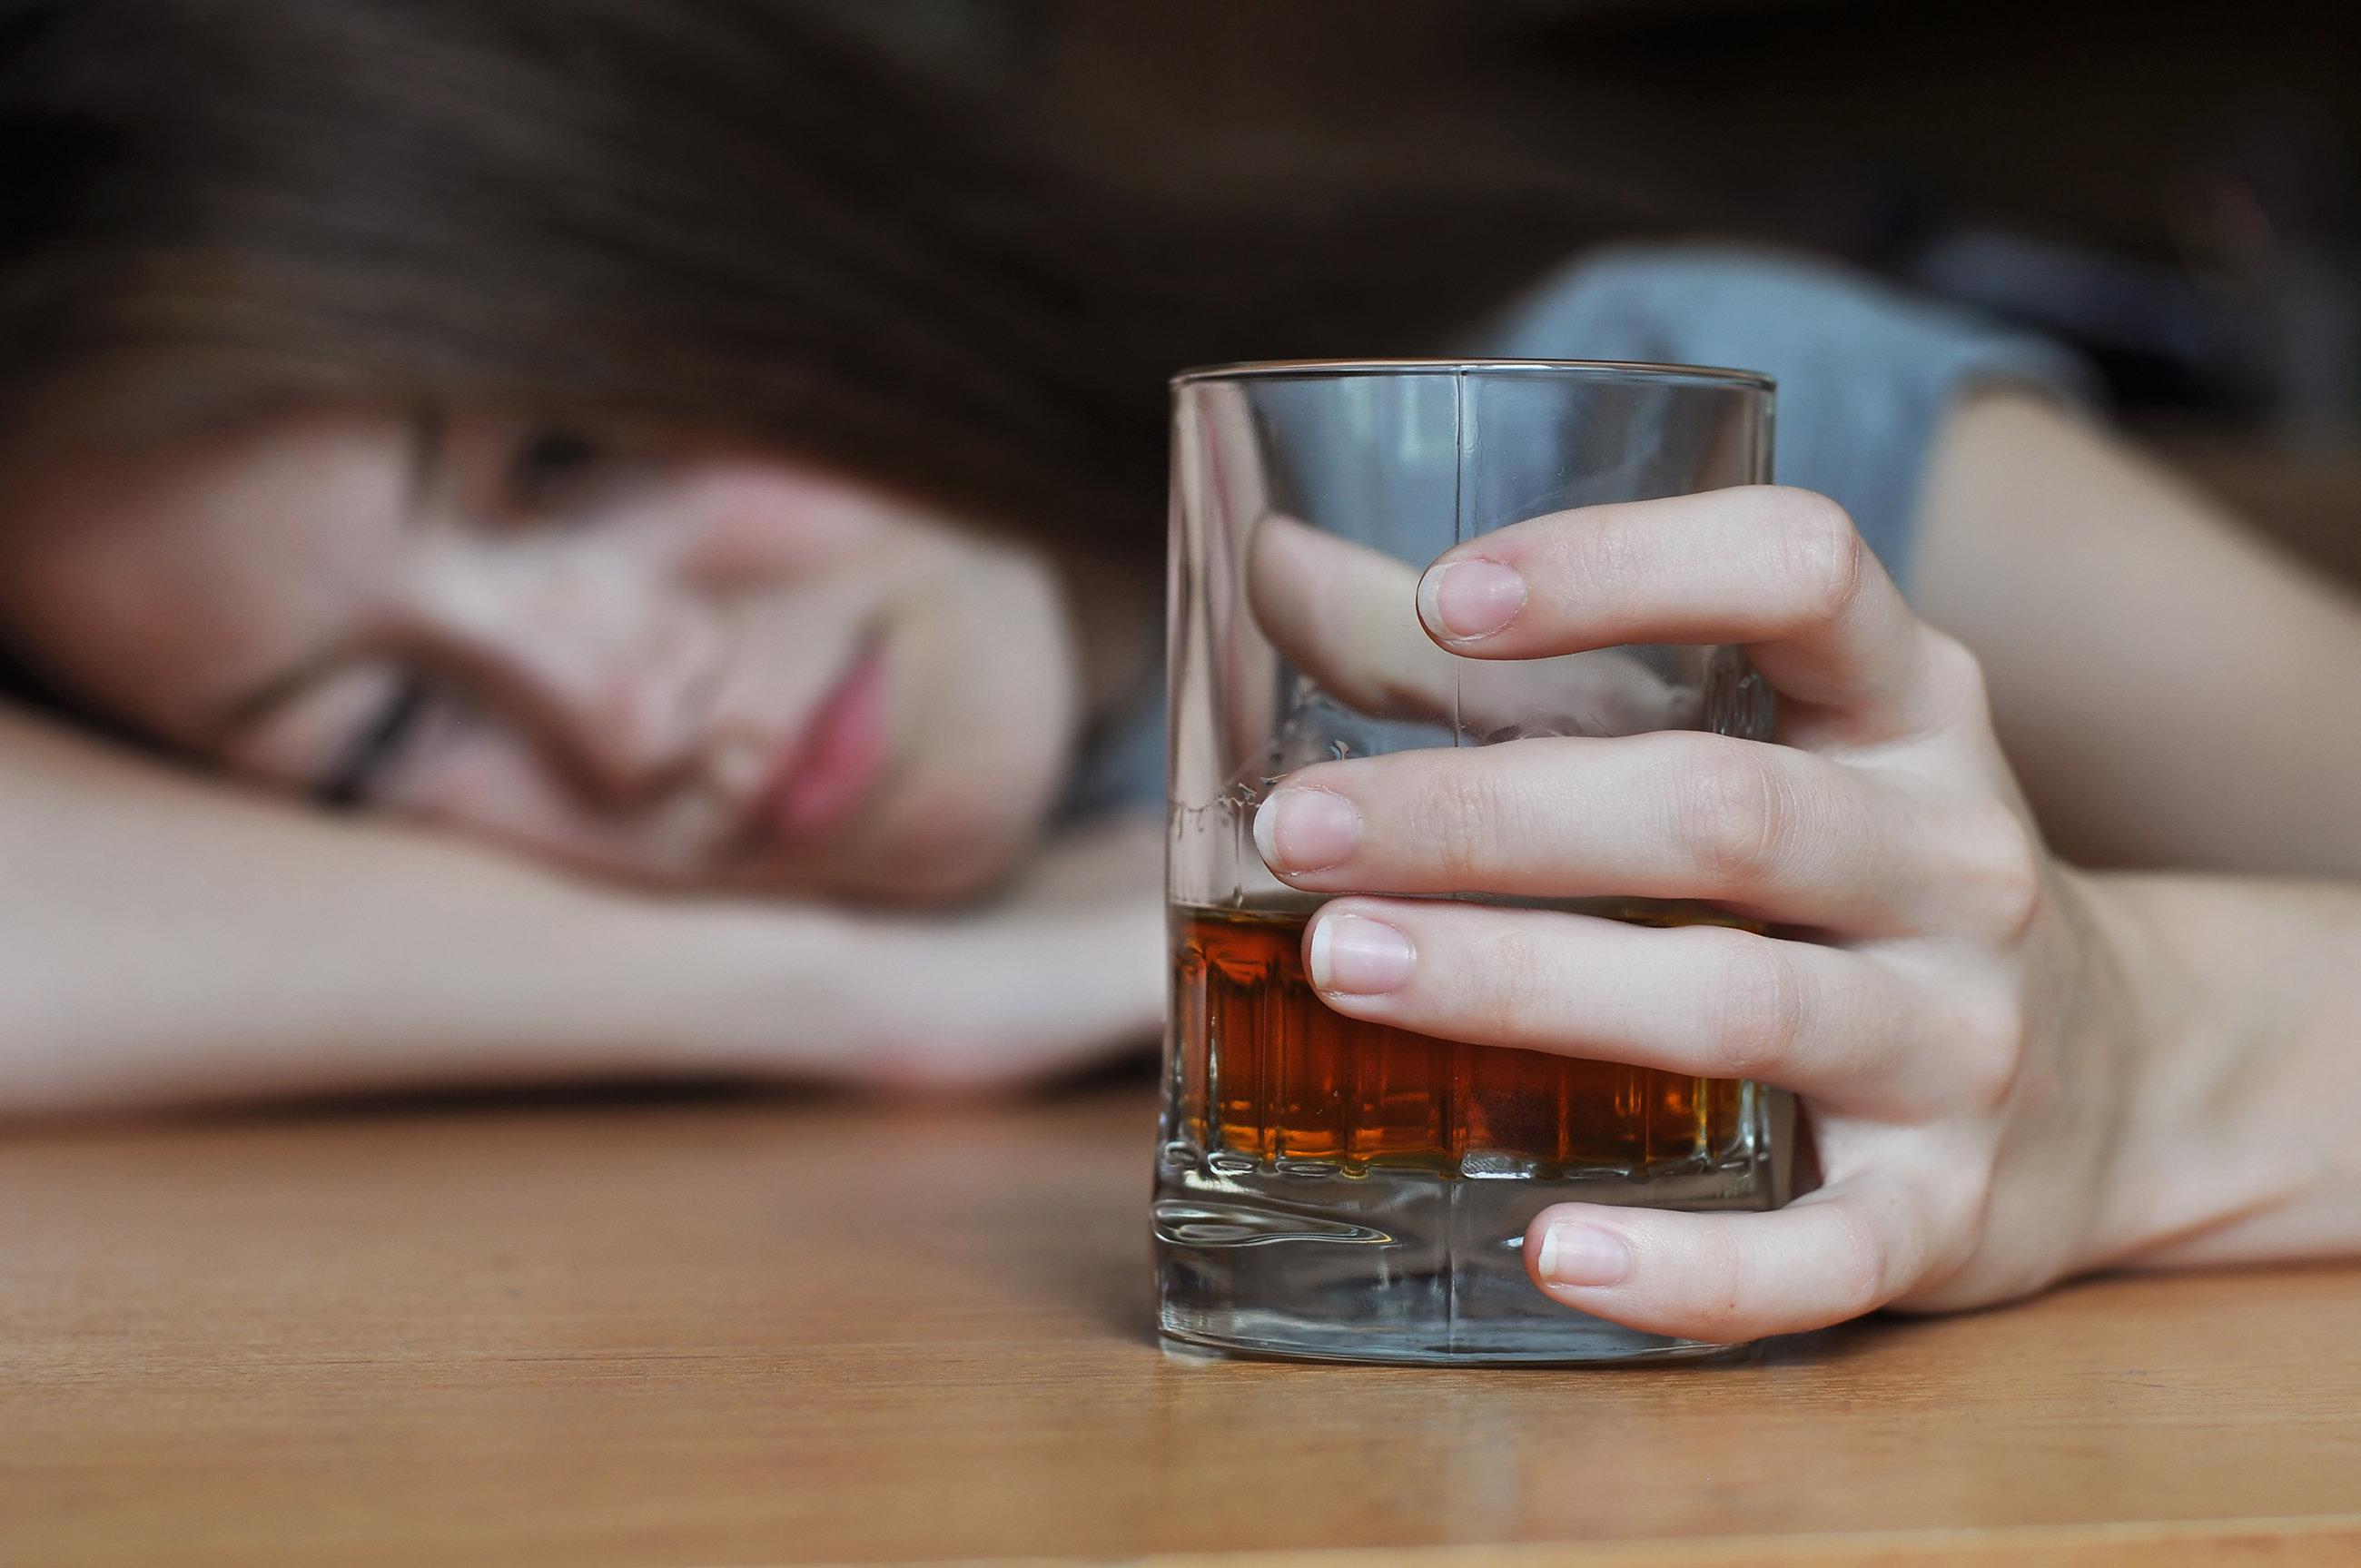 Mutter lässt ihre Kinder schon mit 13 Jahren Alkohol trinken – ihre Begründung ist alarmierend